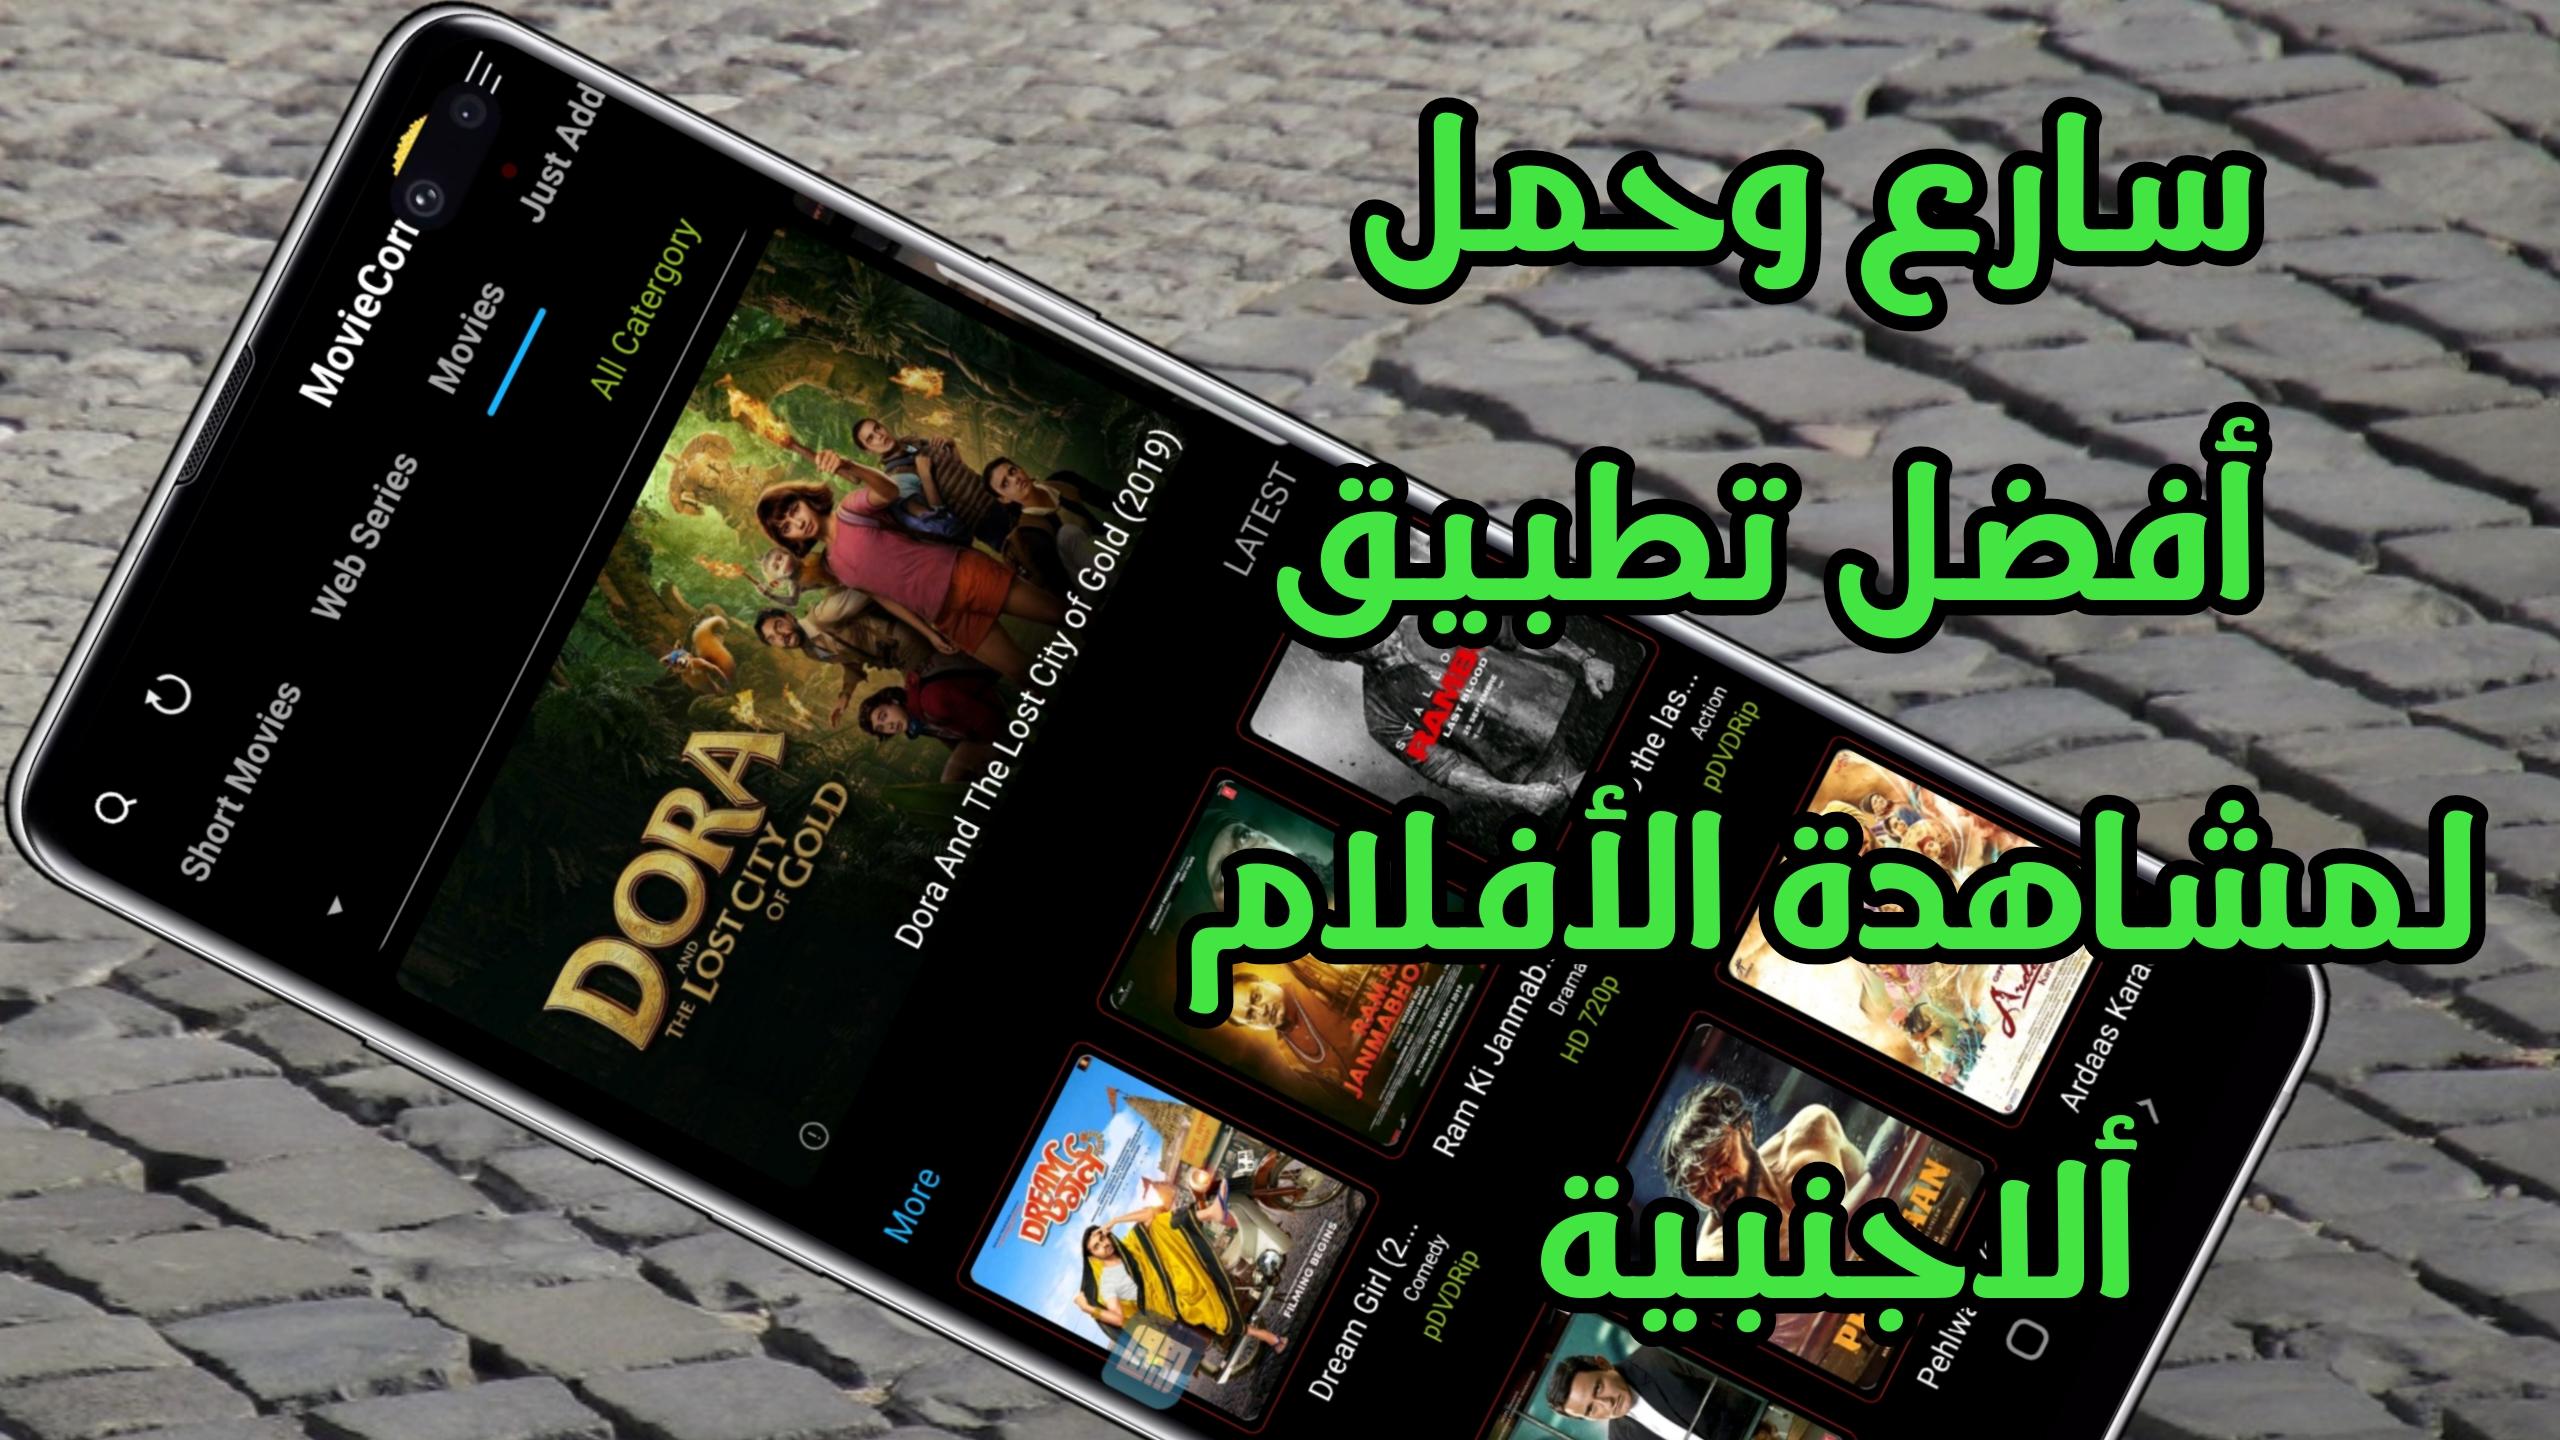 سارع وحمل أفضل لمشاهدة وتحميل الأفلام الأجنبية على هواتف Android